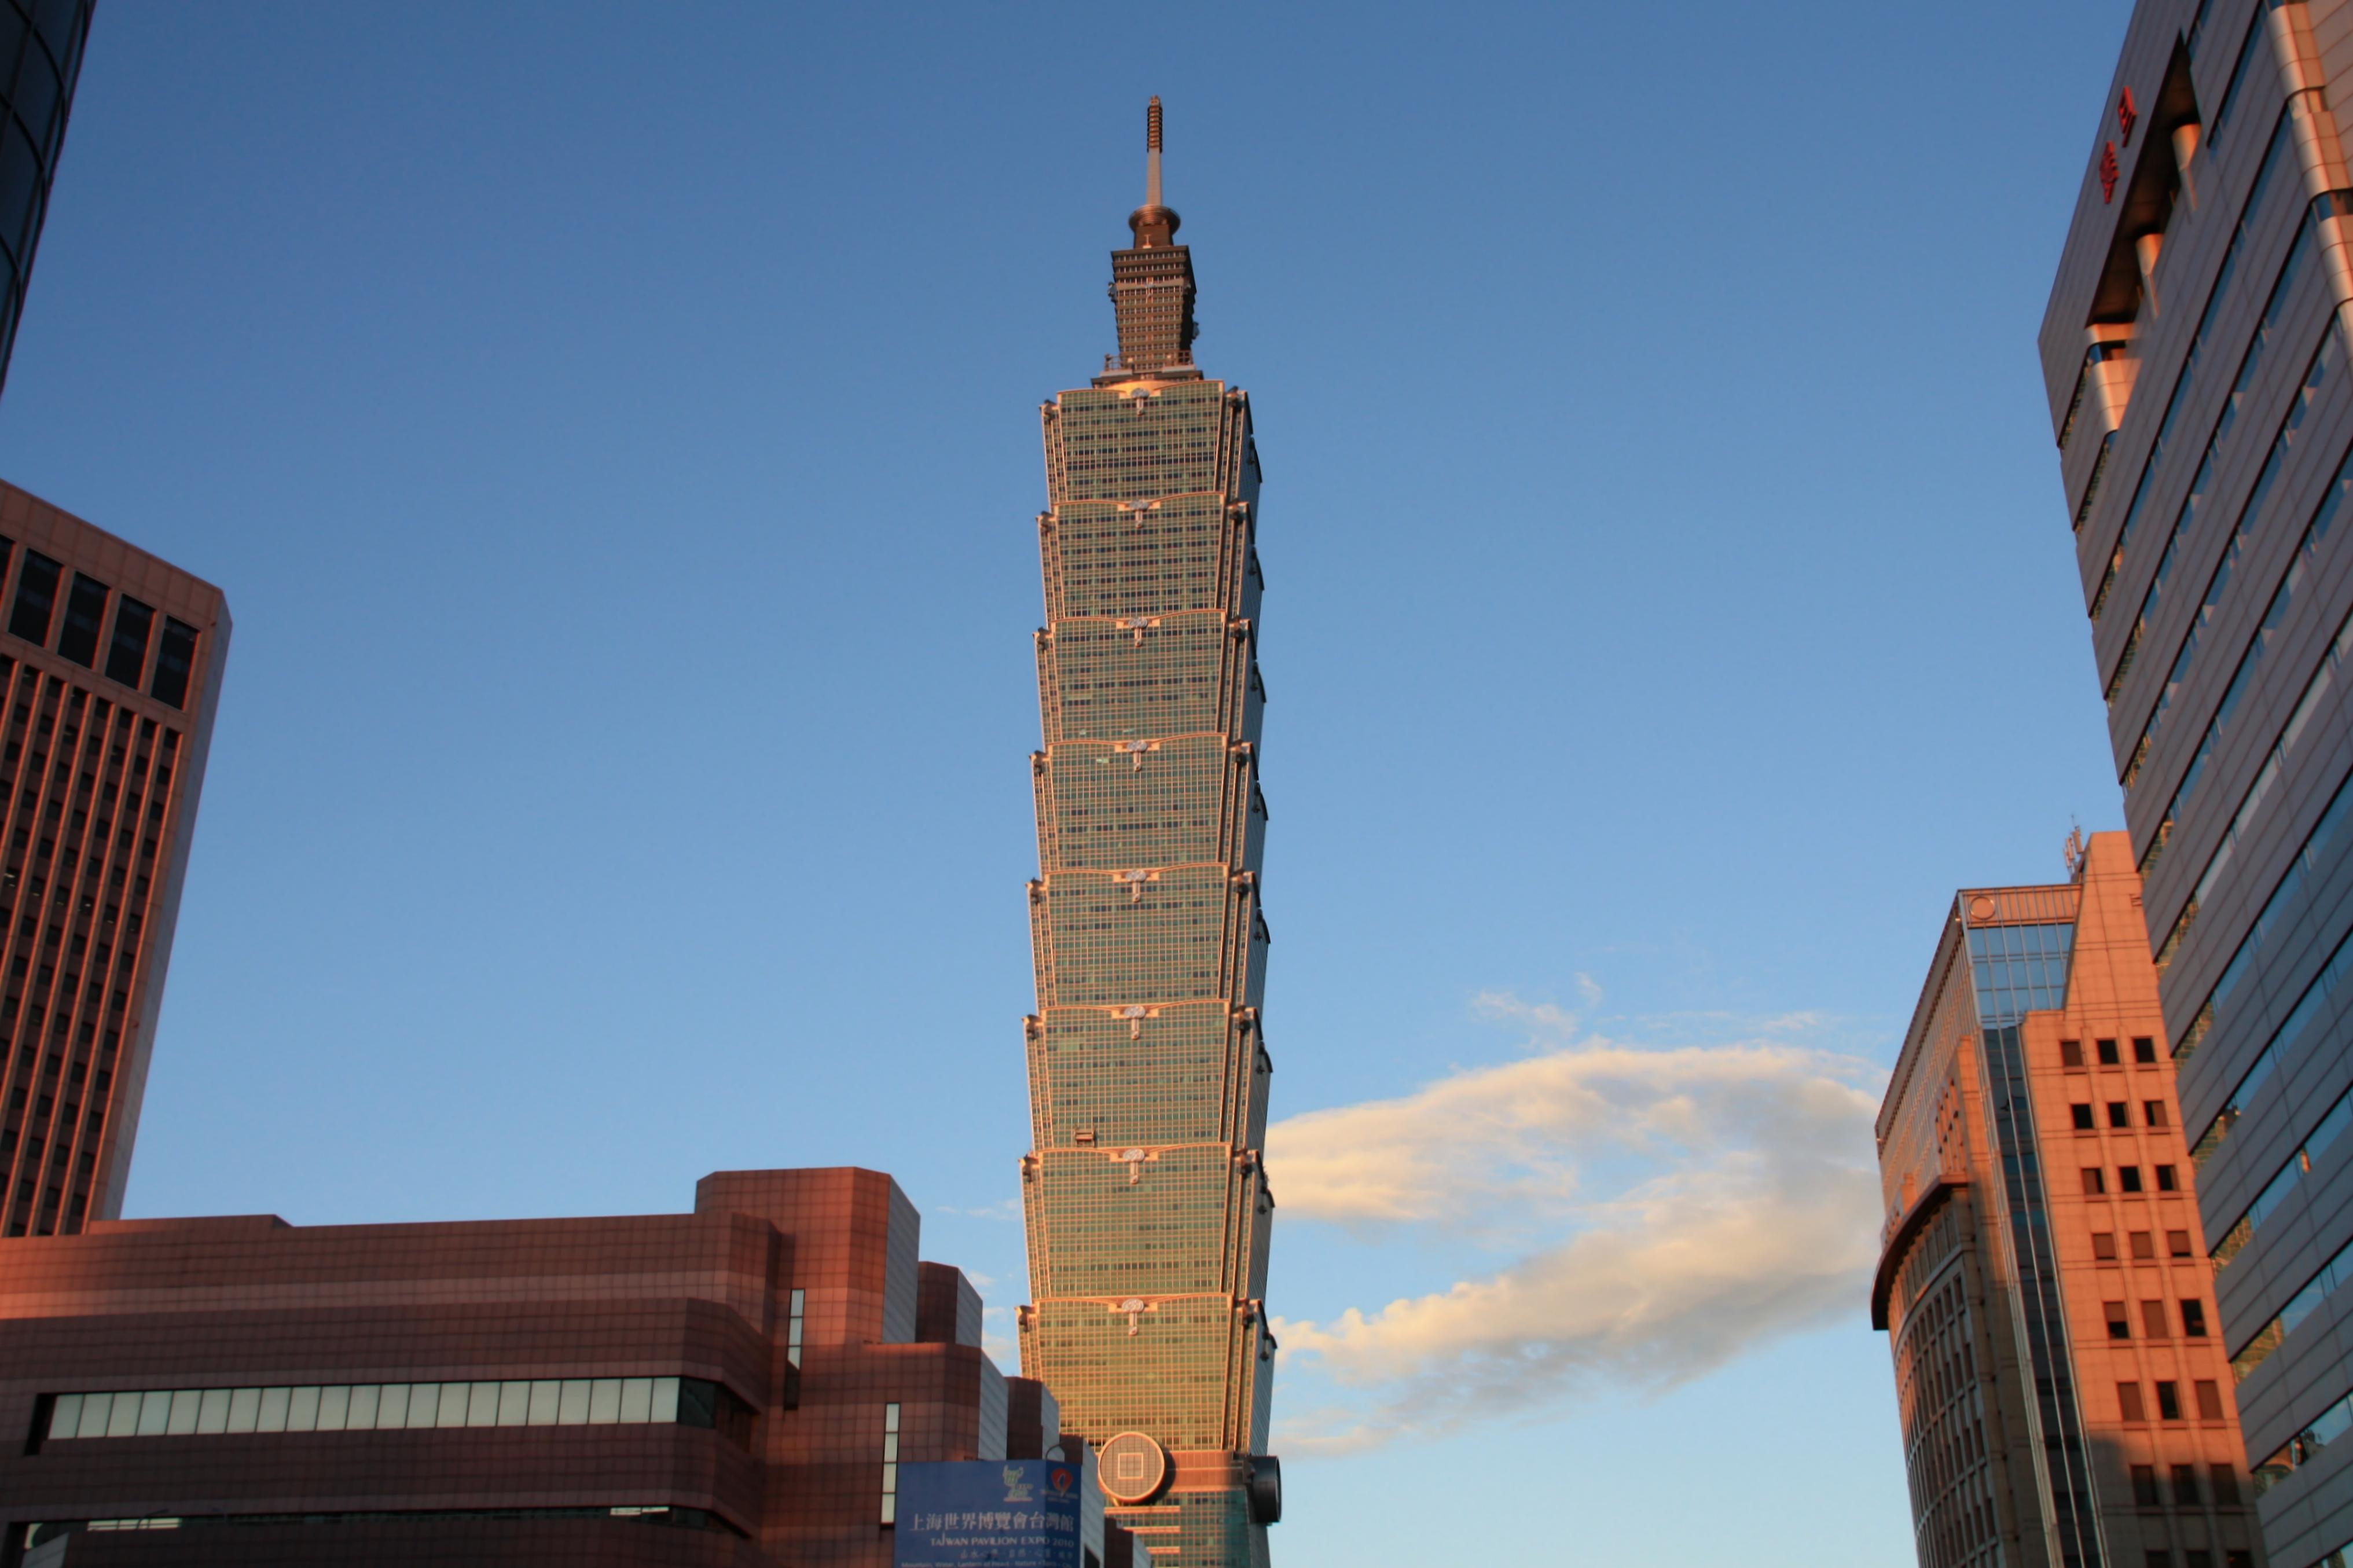 Taipei wtc tower photo